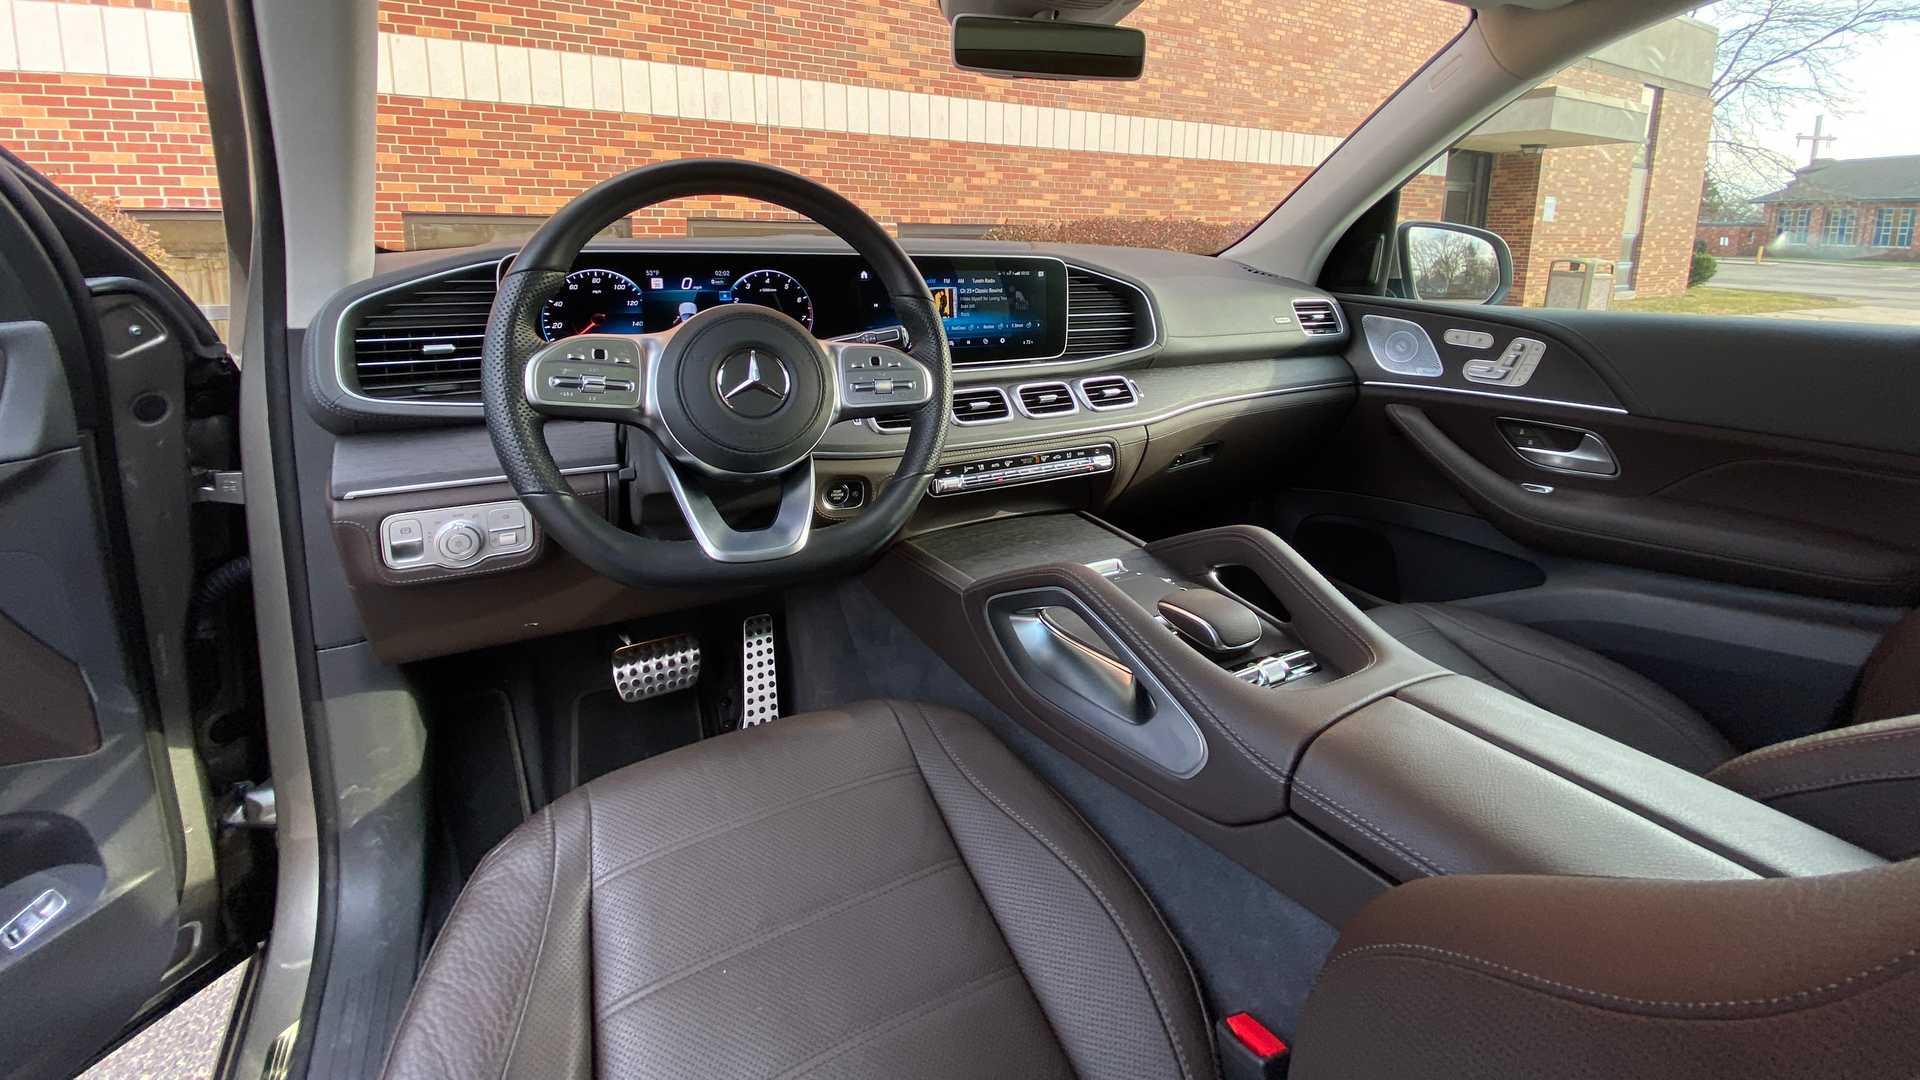 Mercedes GLS 580 review